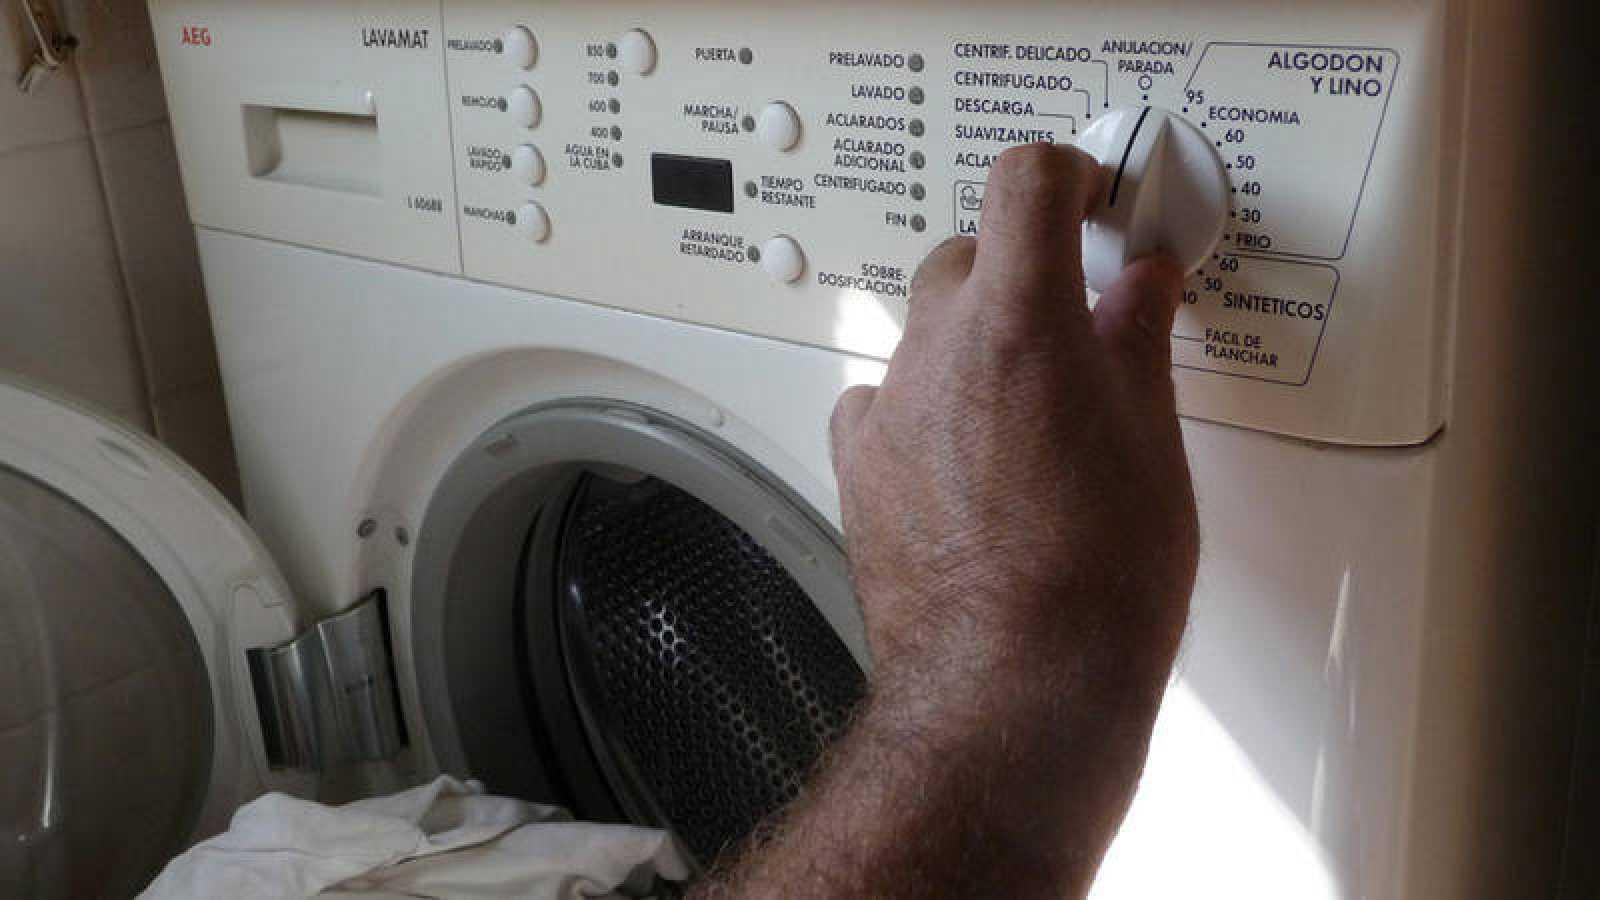 Las sustancias empleadas en las tareas domésticas provocan que los niveles de calidad del aire interior de los hogares se asemejen a los de una ciudad muy contaminada.